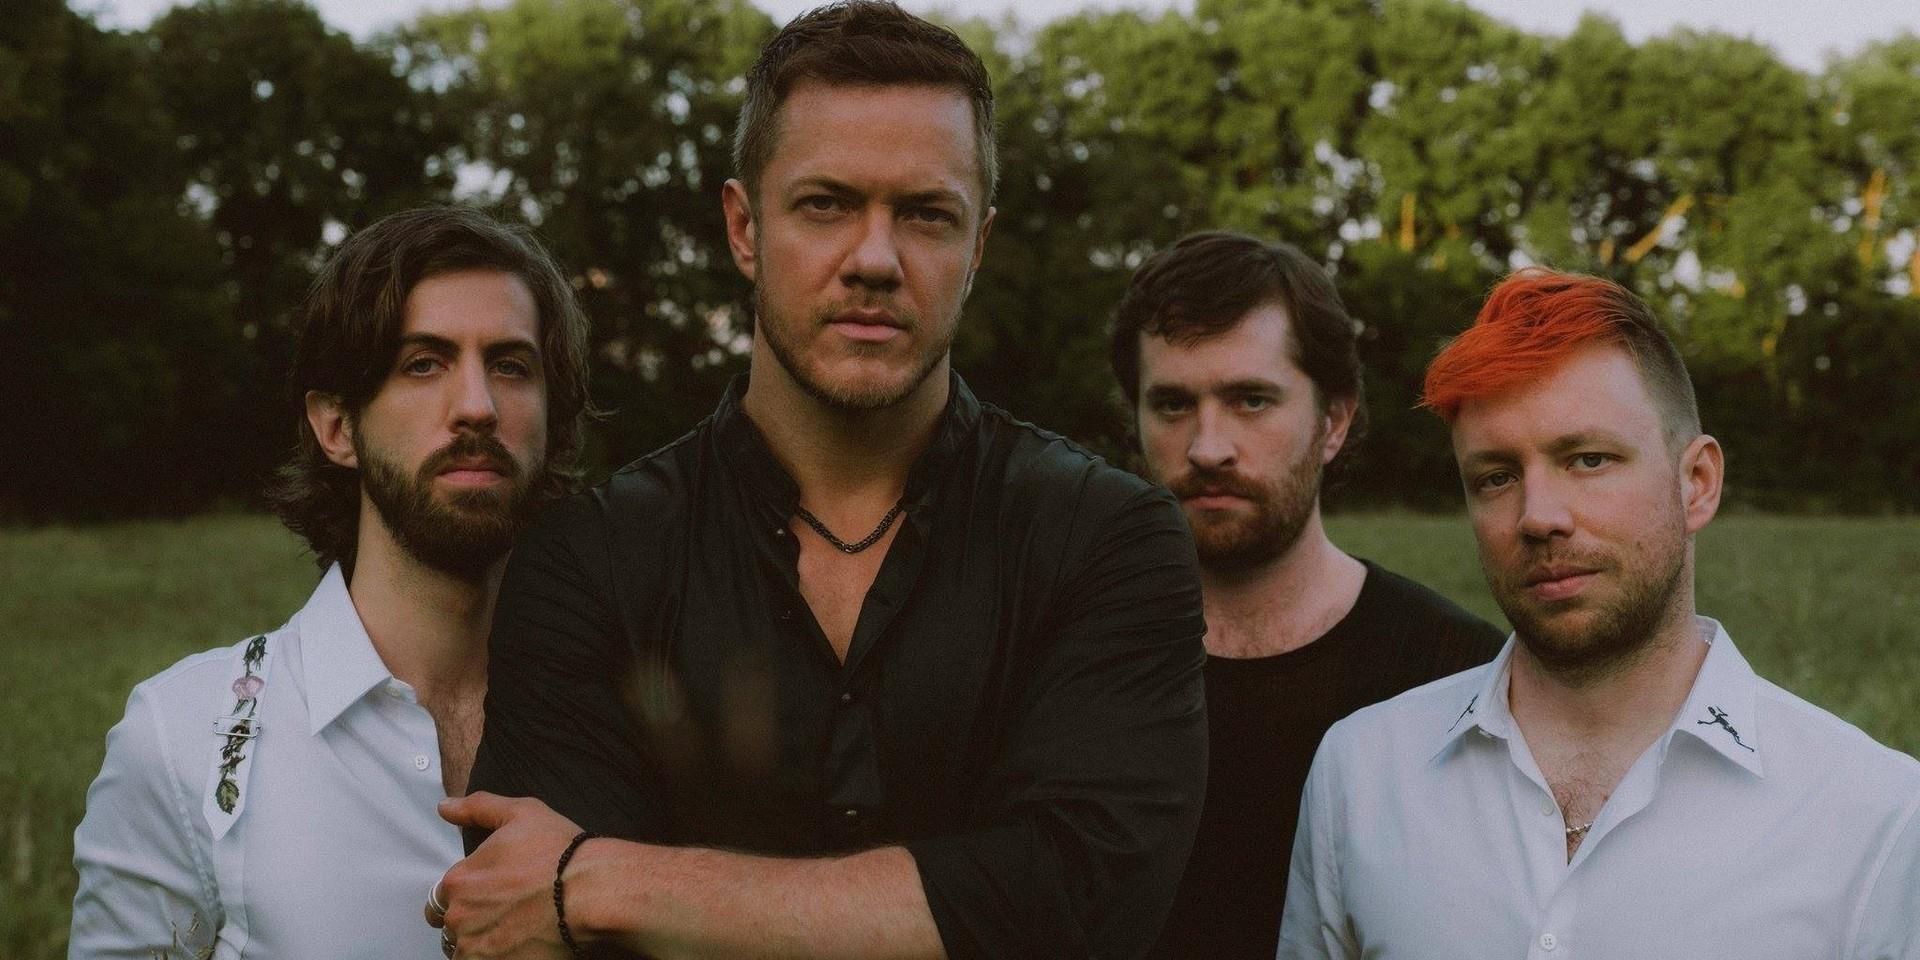 Imagine Dragons announce new album 'Origins'